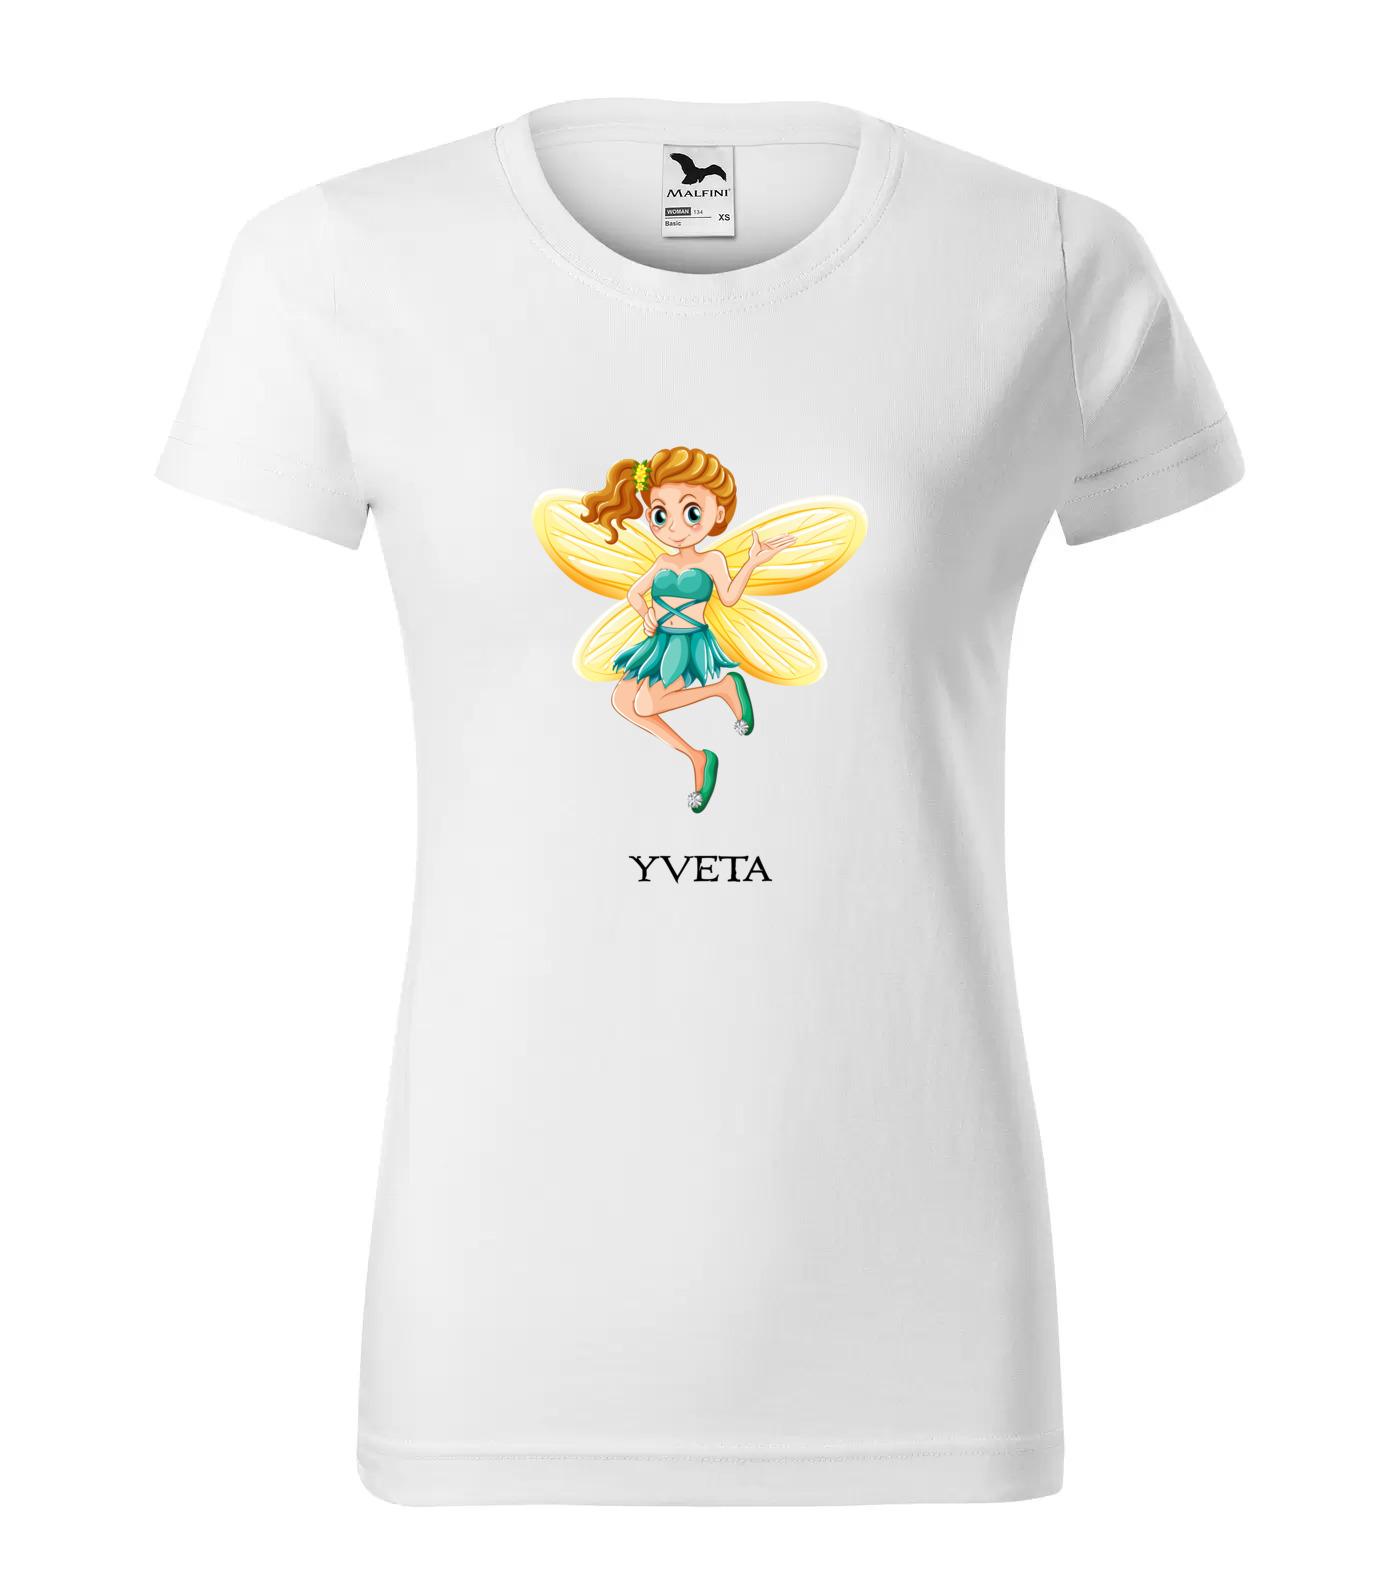 Tričko Víla Yveta